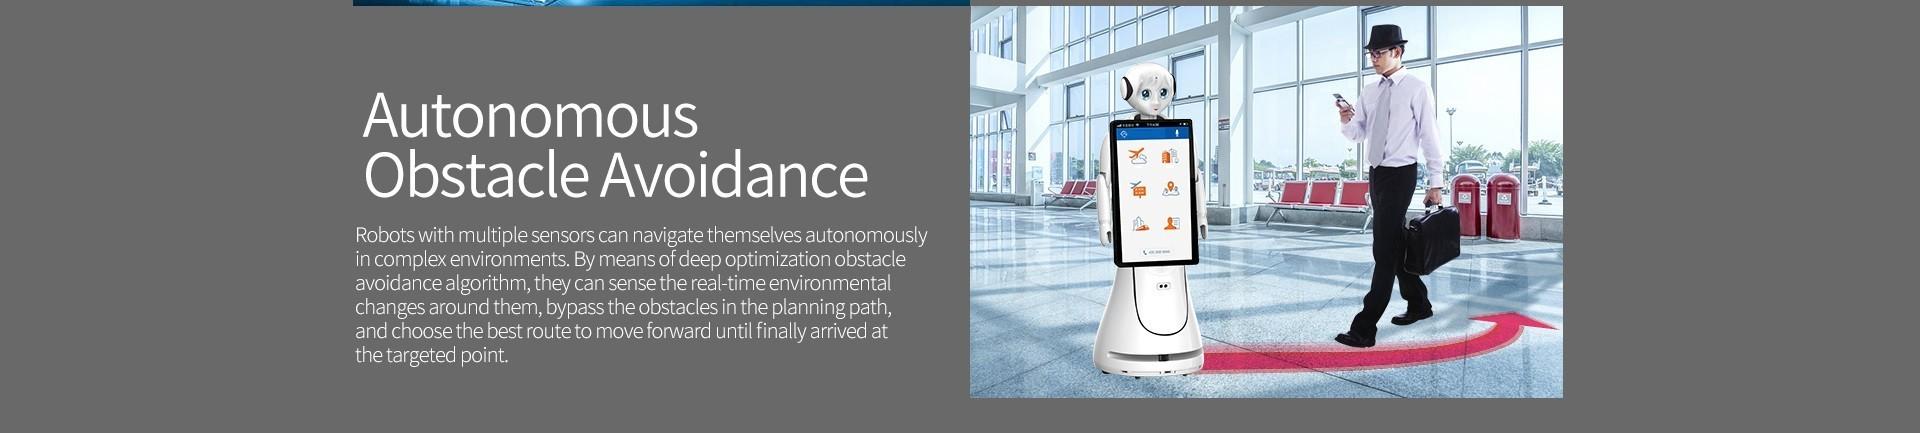 SIFROBOT-5.0 autonomous obstacle avoidance